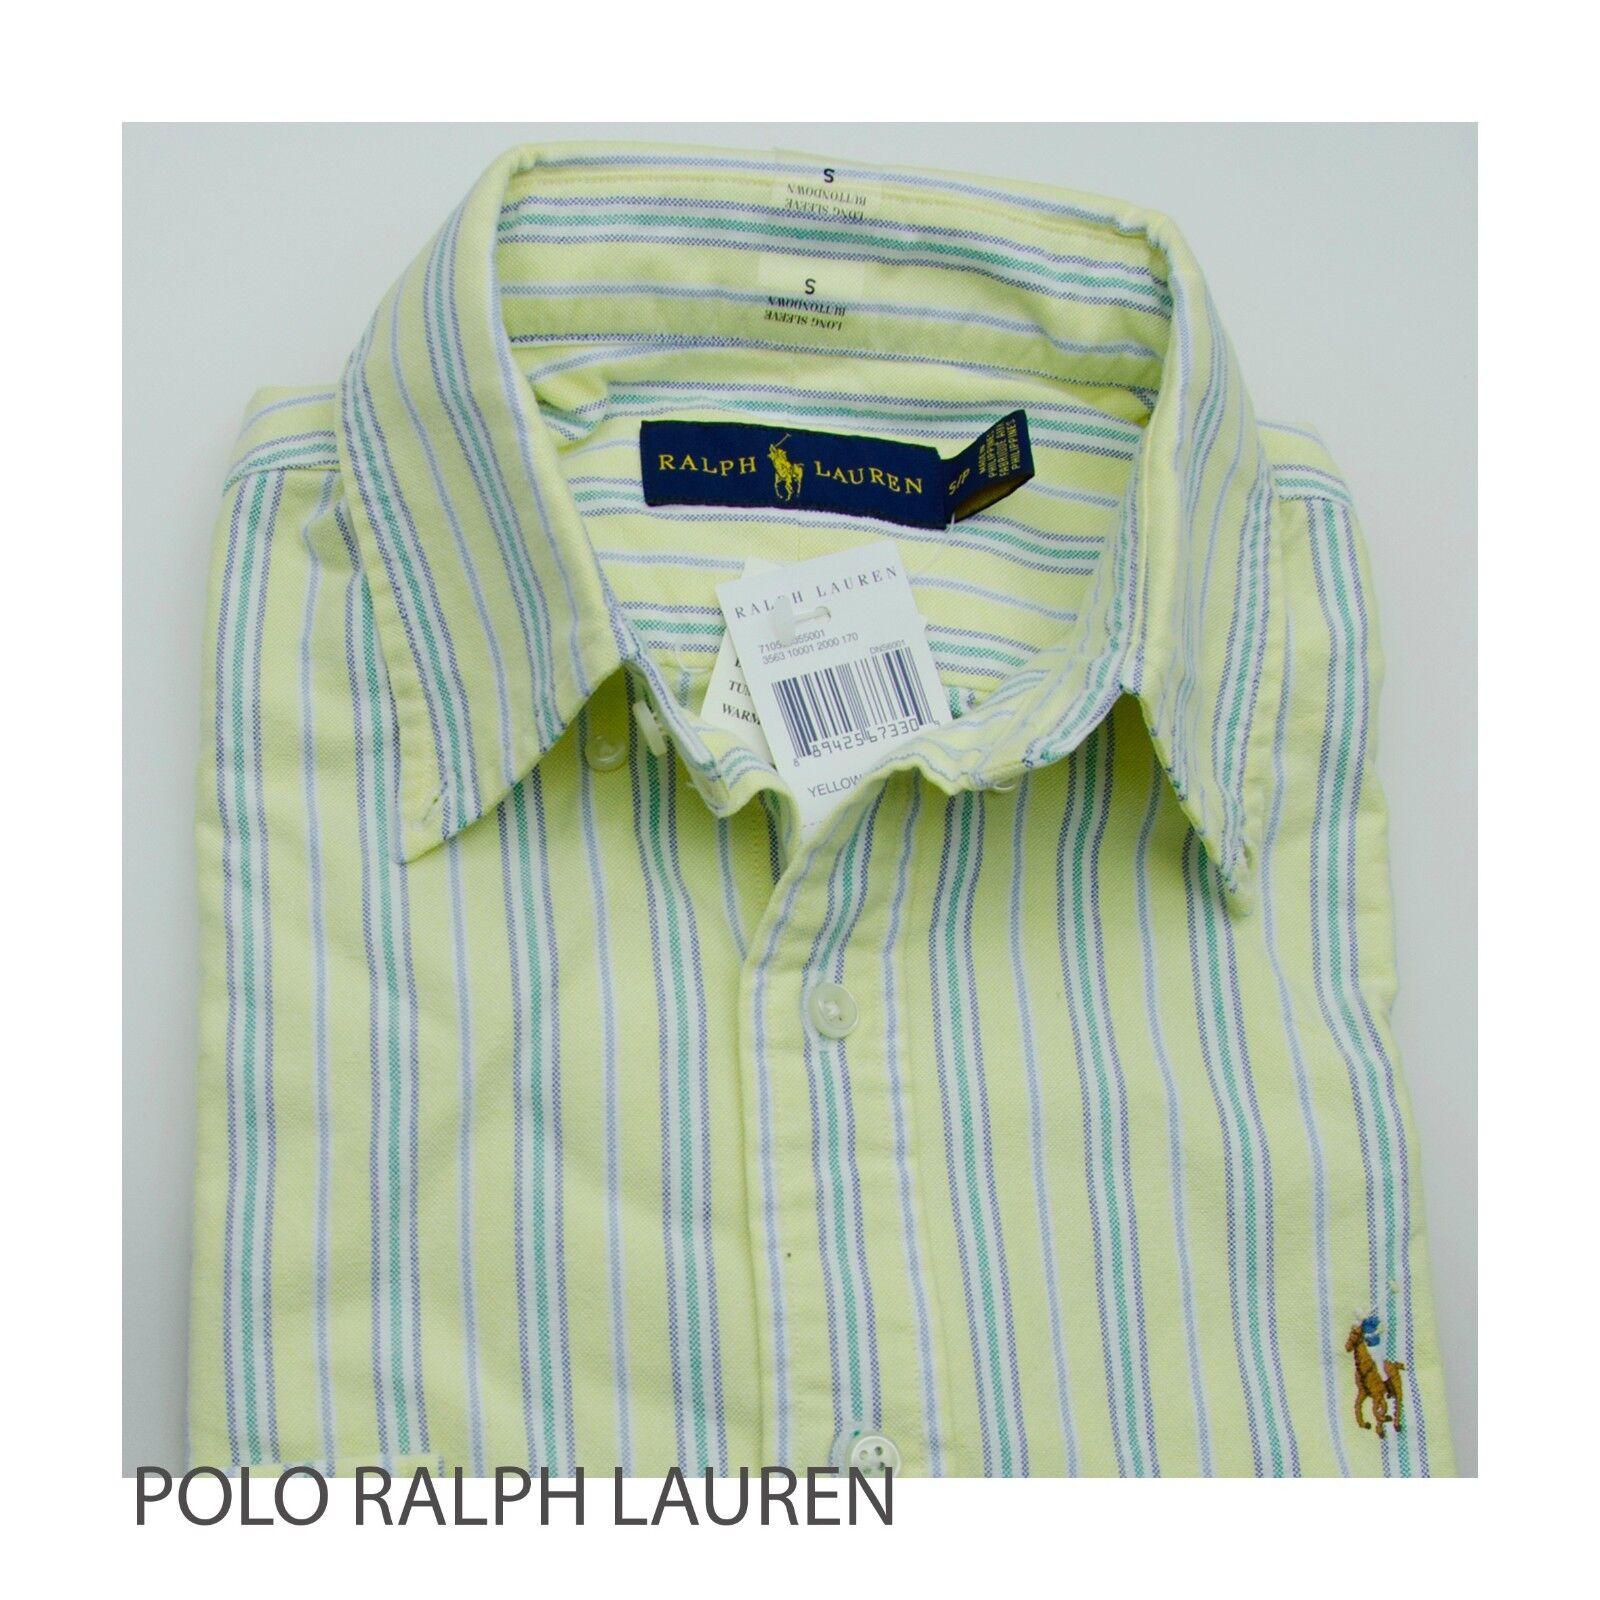 NWT Polo Ralph Lauren Men's Yellow bluee Oxford Sport Shirt STANDARD FIT S M L